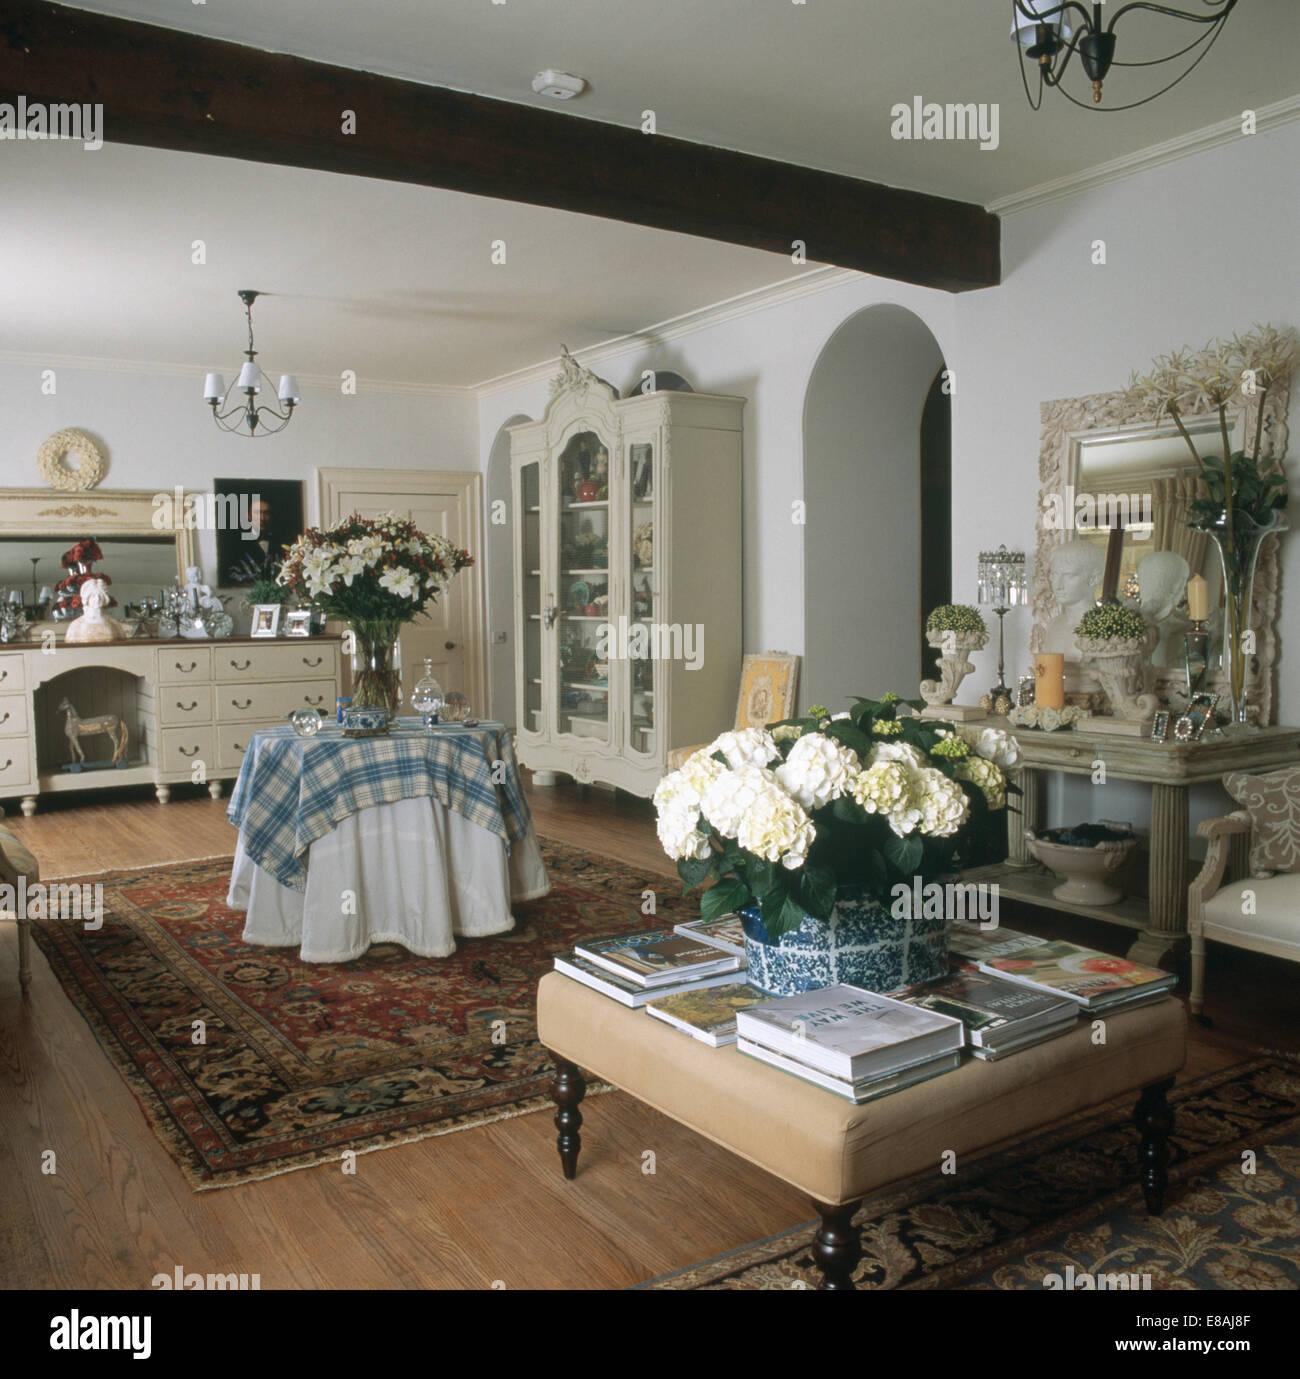 Spring hydrangeas | Decor, Home decor, Country decor |Country Hydrangeas Vase